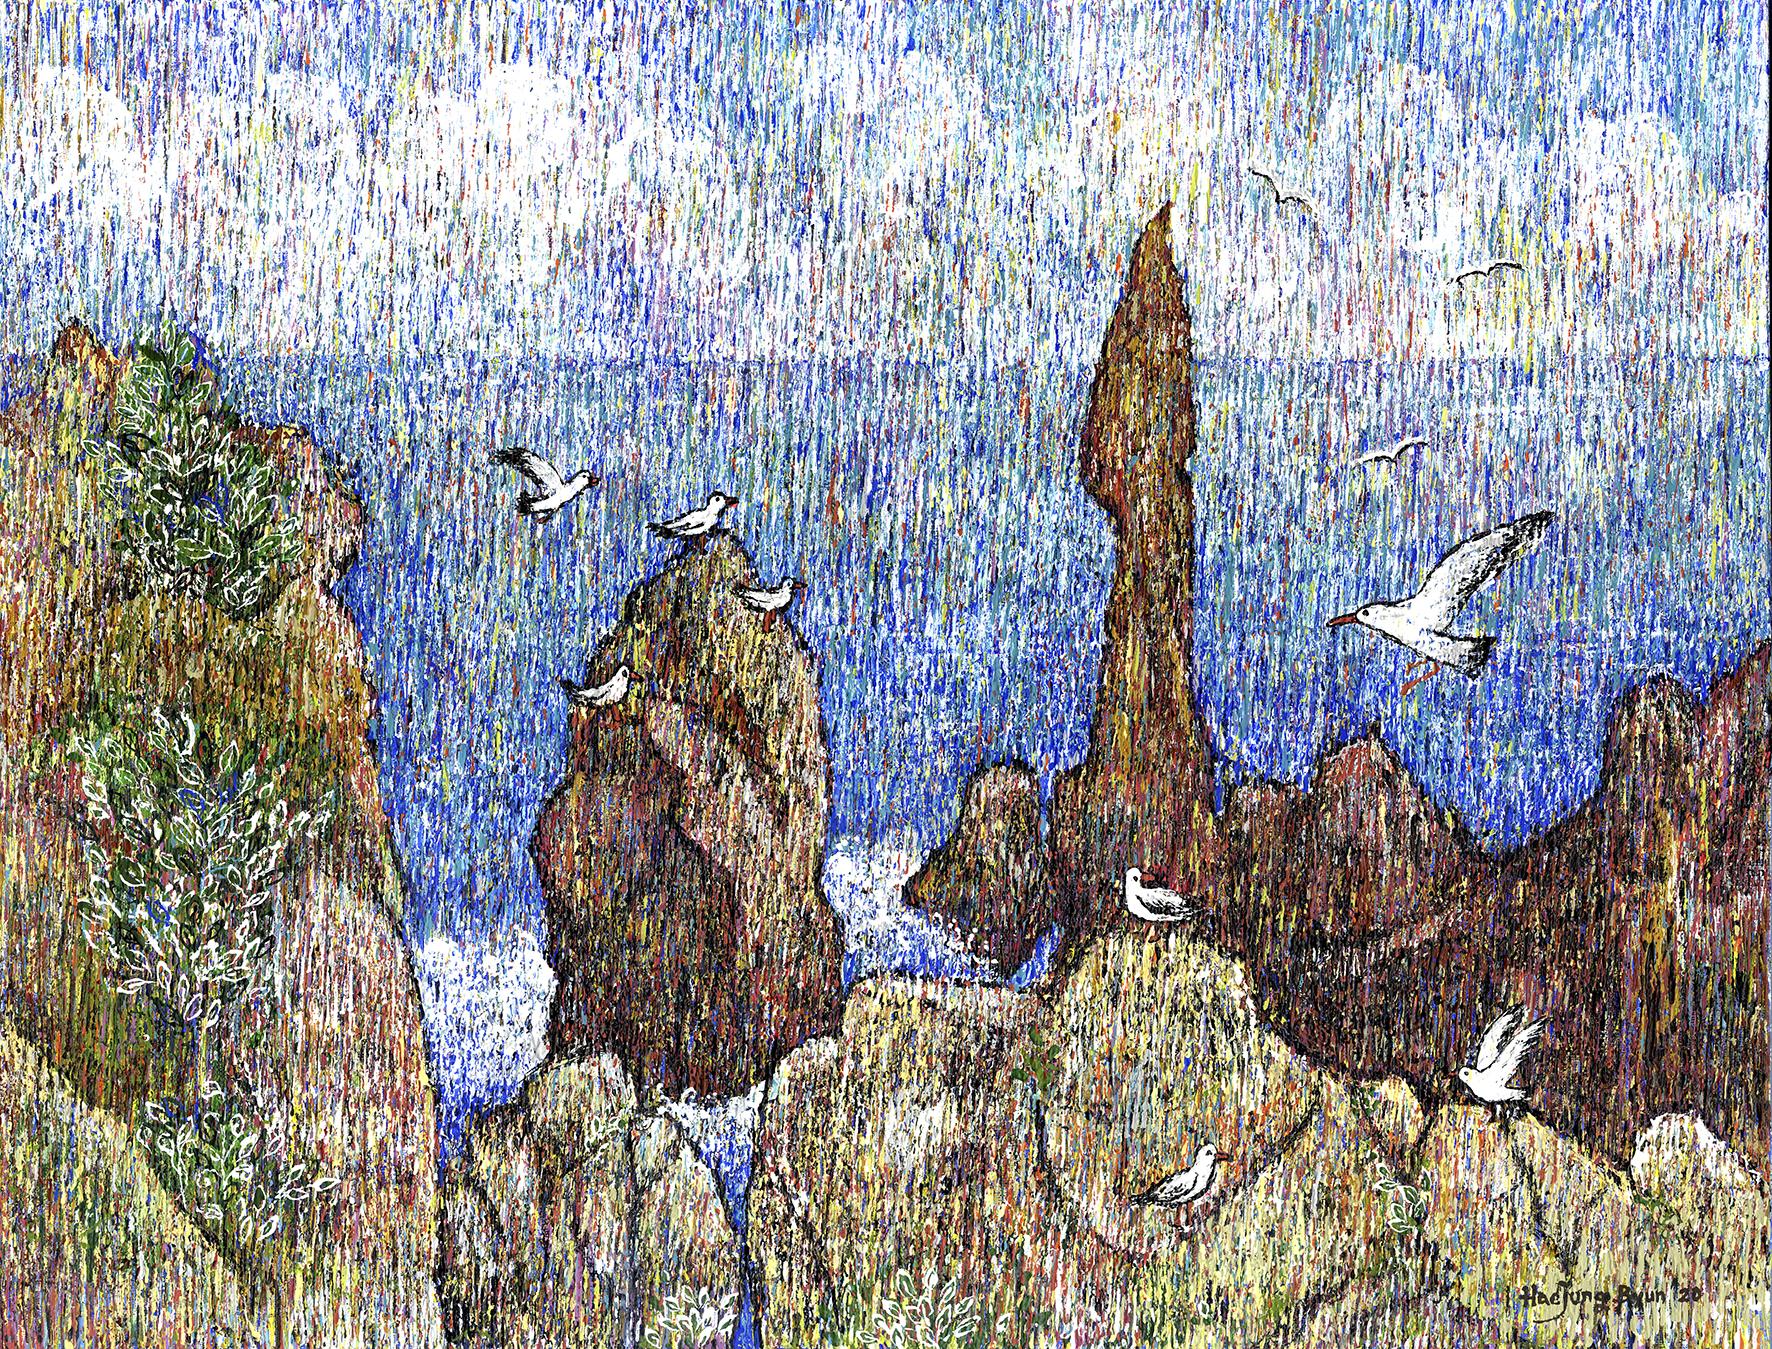 변해정1, 추암 촛대바위, 50.0 x 65